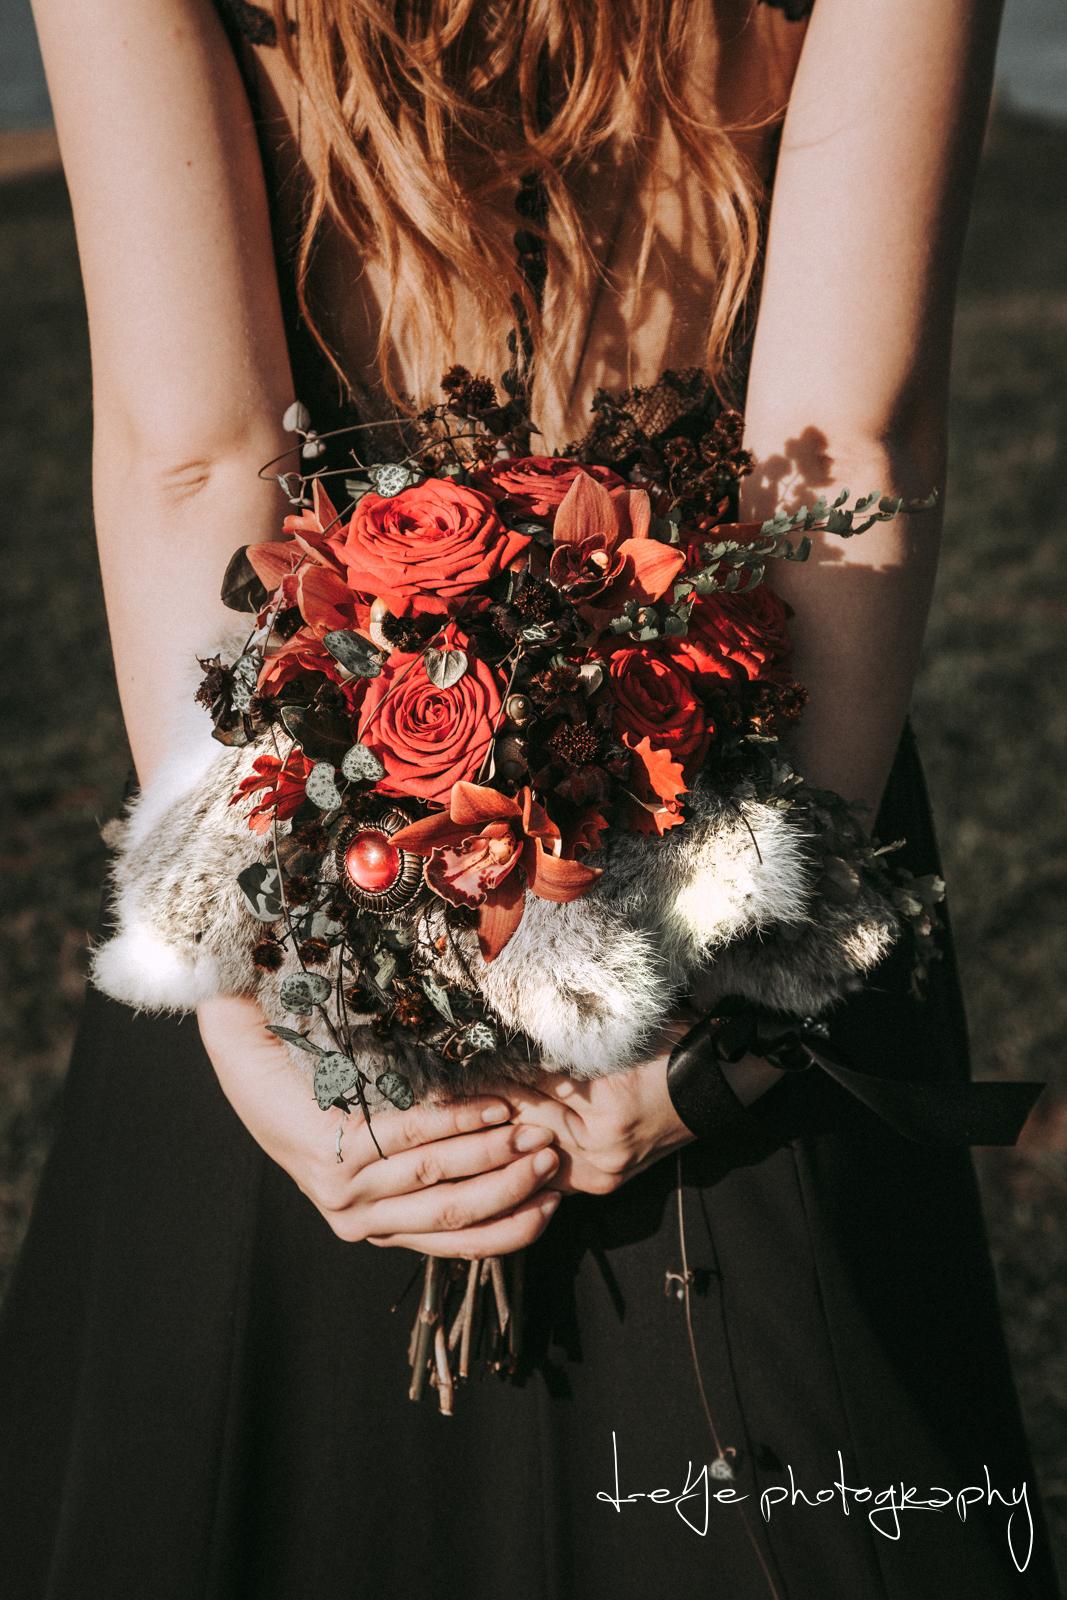 Bruidsboeket rood met broche. Foto: D-eYe Photography